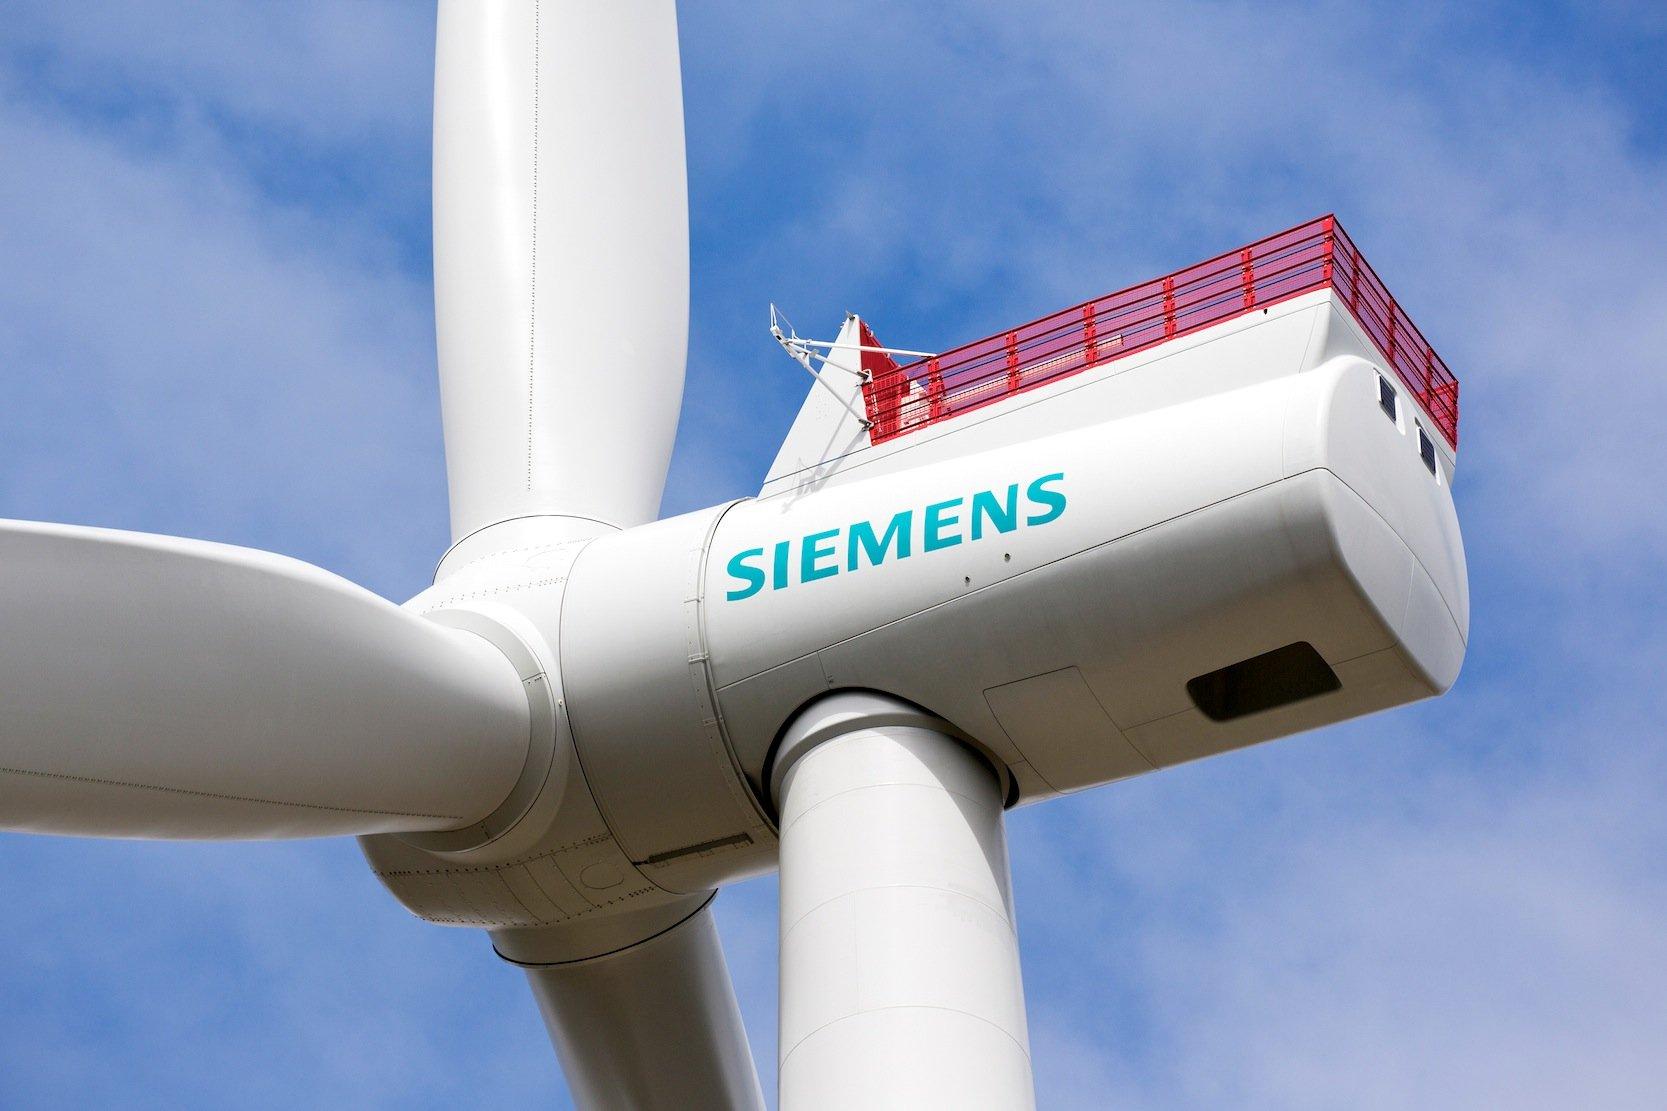 Derzeit testet Siemens seine Offshore 7-MW-Windenergieanlage SWT-7.0-154 im dänischen Østerild. 2017 soll die Anlage in Serie gehen. Ein Jahr später folgt eine verbesserte Version mit den gleichen Rotordimensionen, aber erhöhter Leistung von 8 MW.